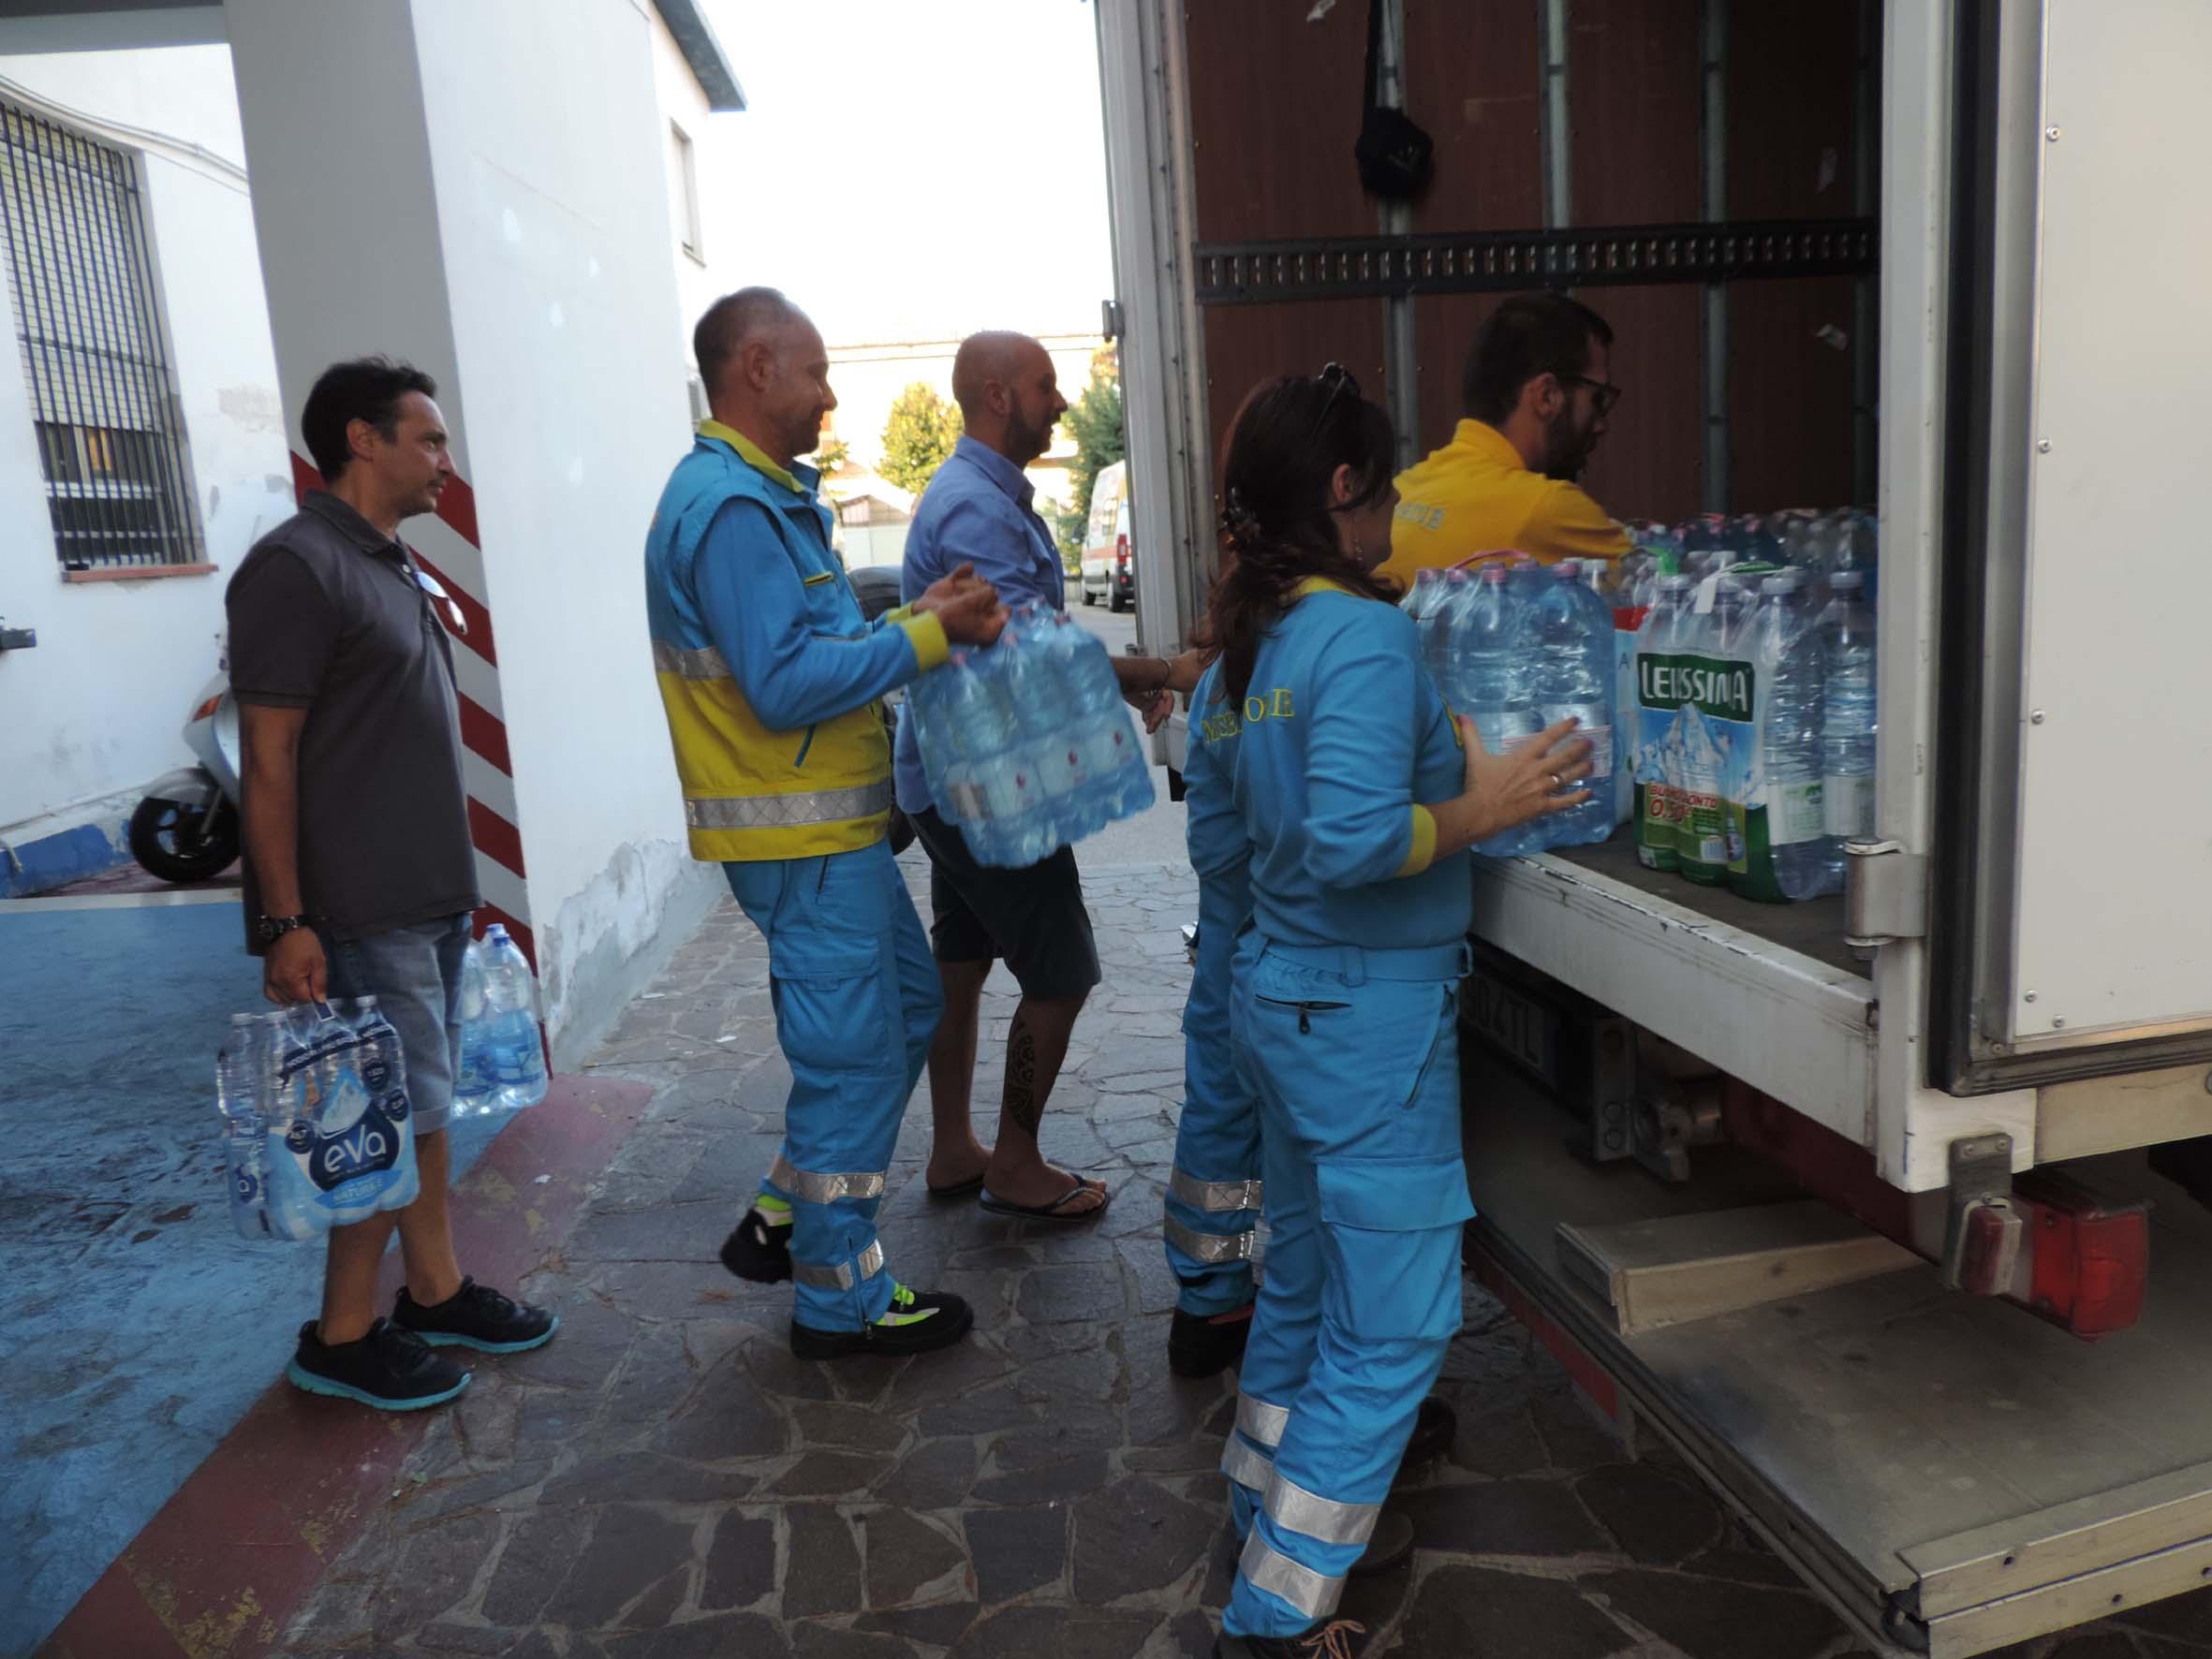 Sisma 24 agosto: il materiale raccolto dalla Misericordia di Pescara